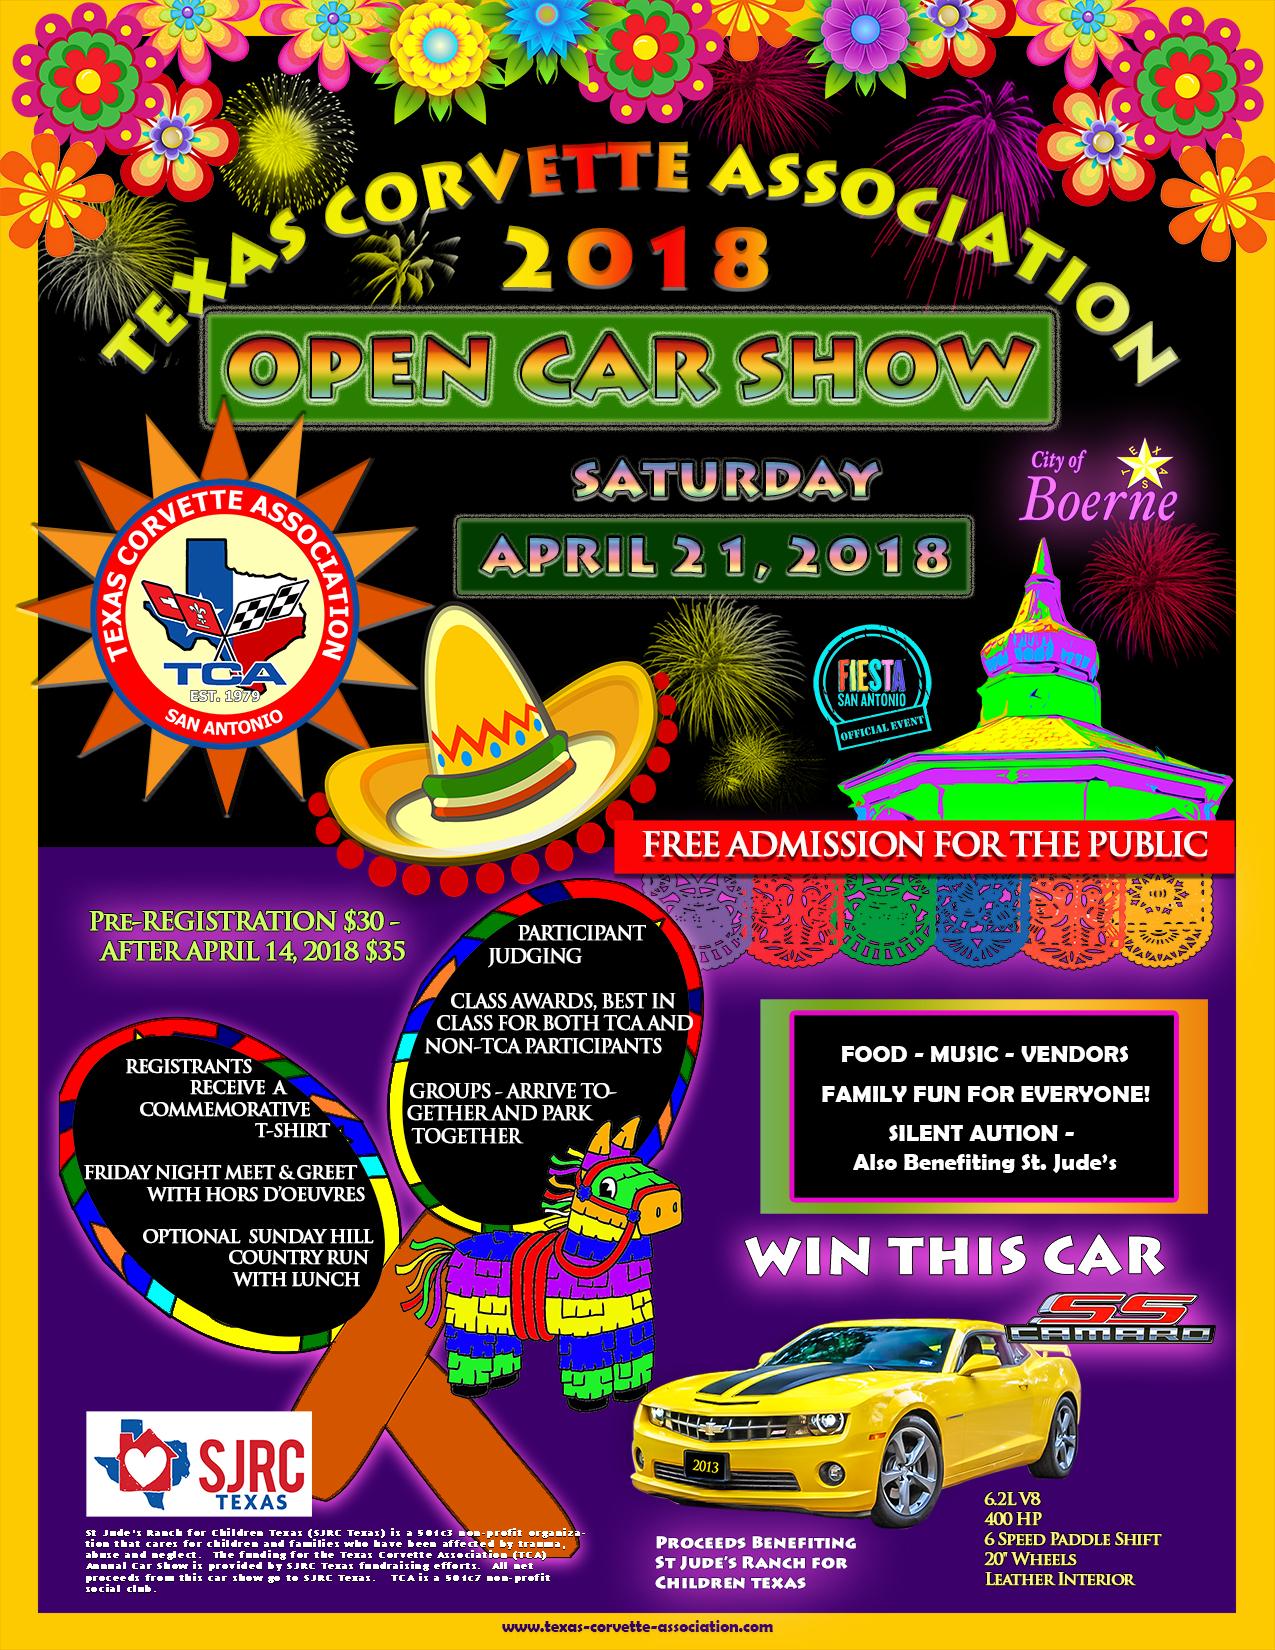 TCA Car Show Texas Corvette Association - Car show san antonio 2018